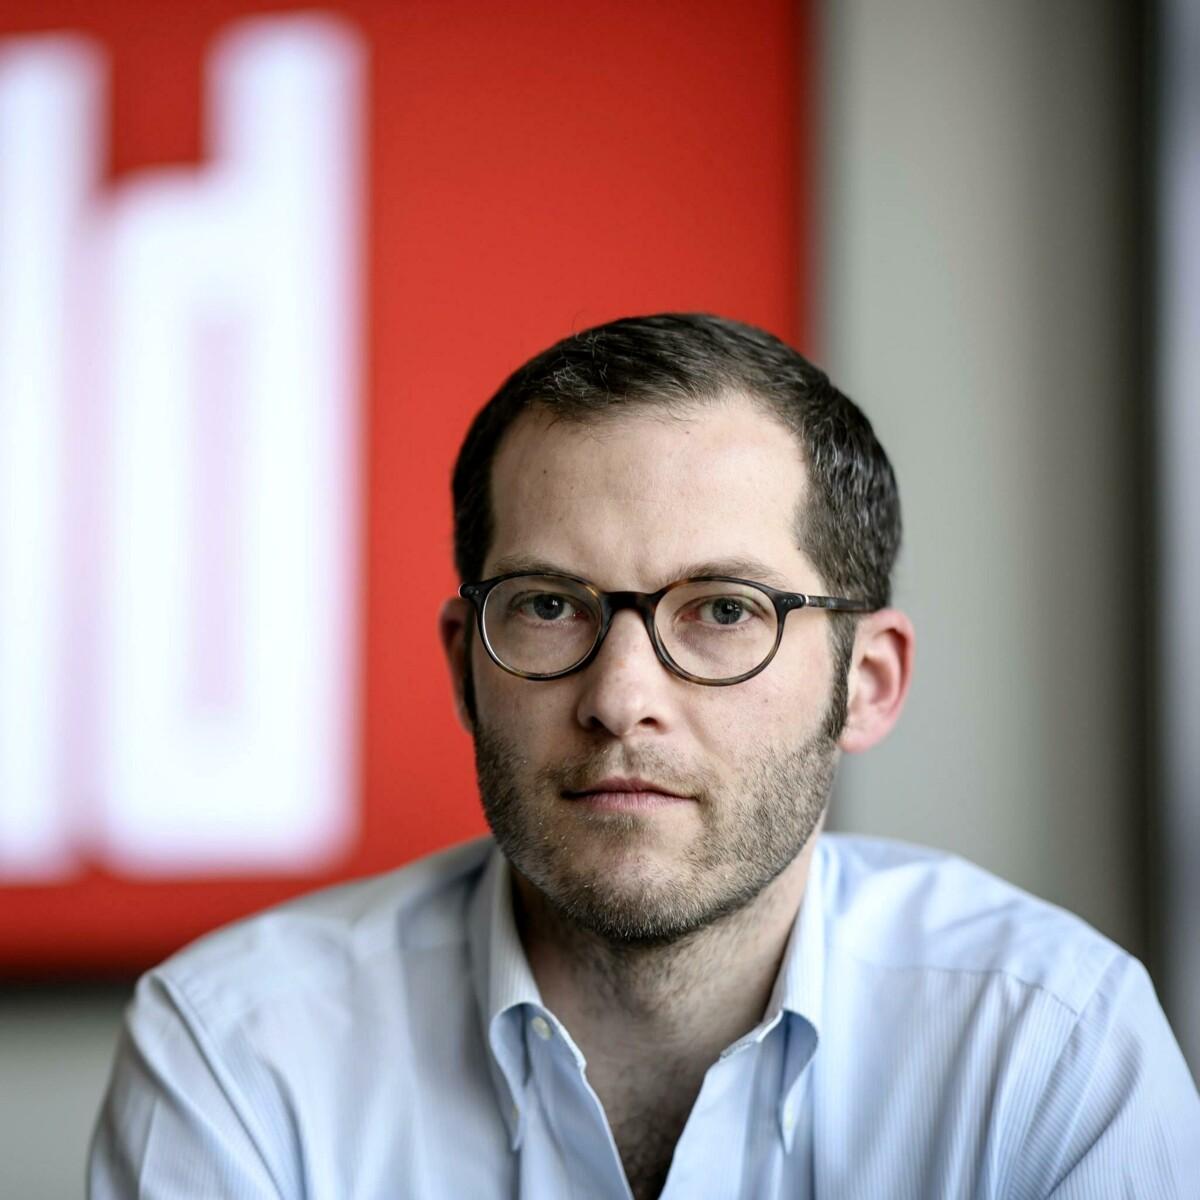 """""""Promozioni alle giornaliste in cambio di sesso"""", cacciato il direttore del più potente giornale tedesco"""